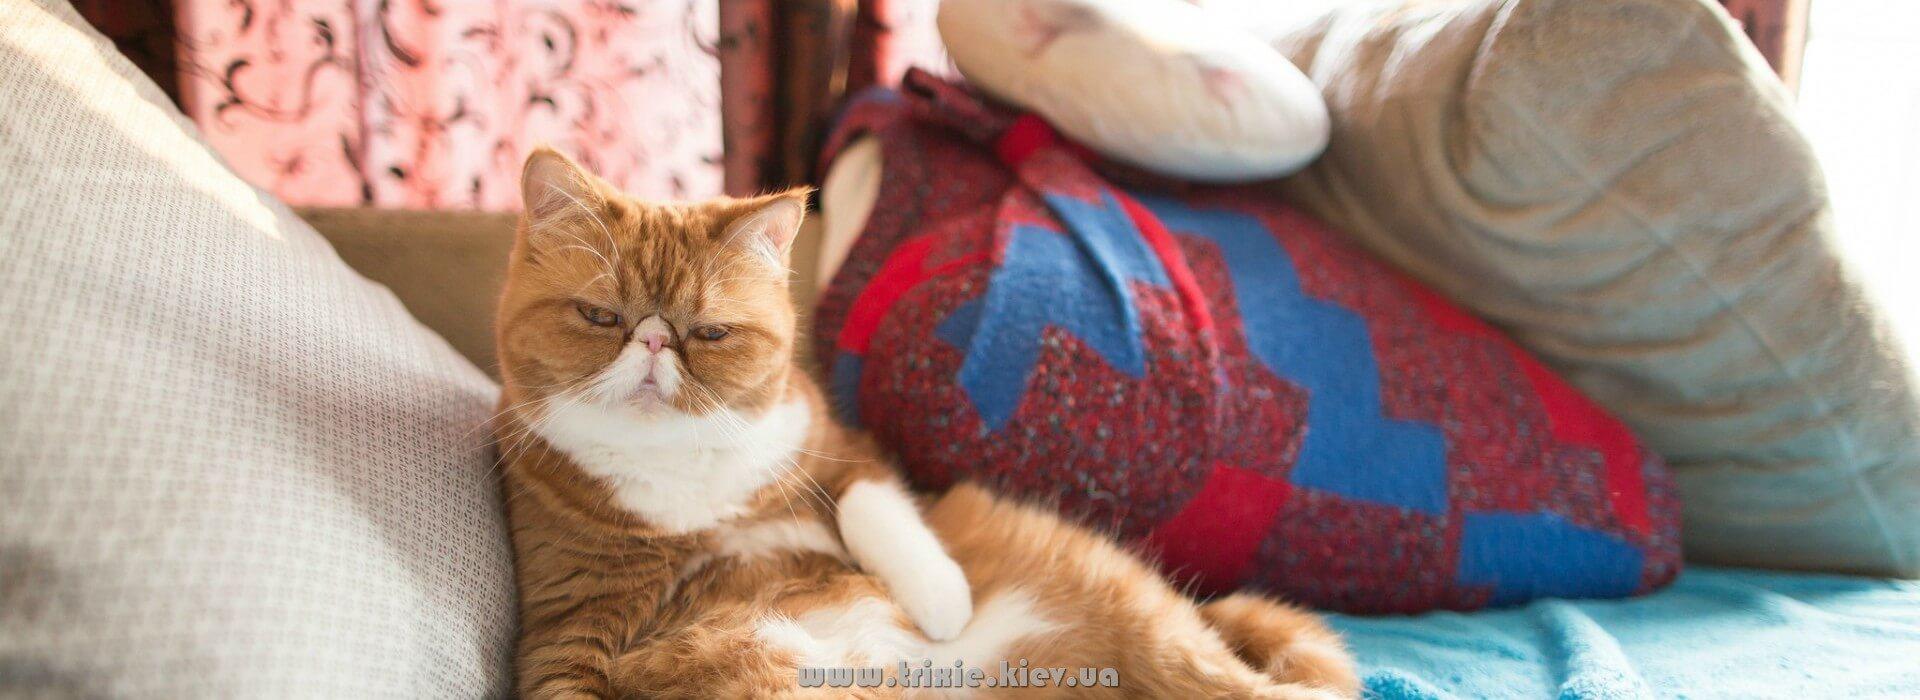 Доставка зоотоваров Новинки Trixie для кошек и собак по всей Украине - отправляем с Киева